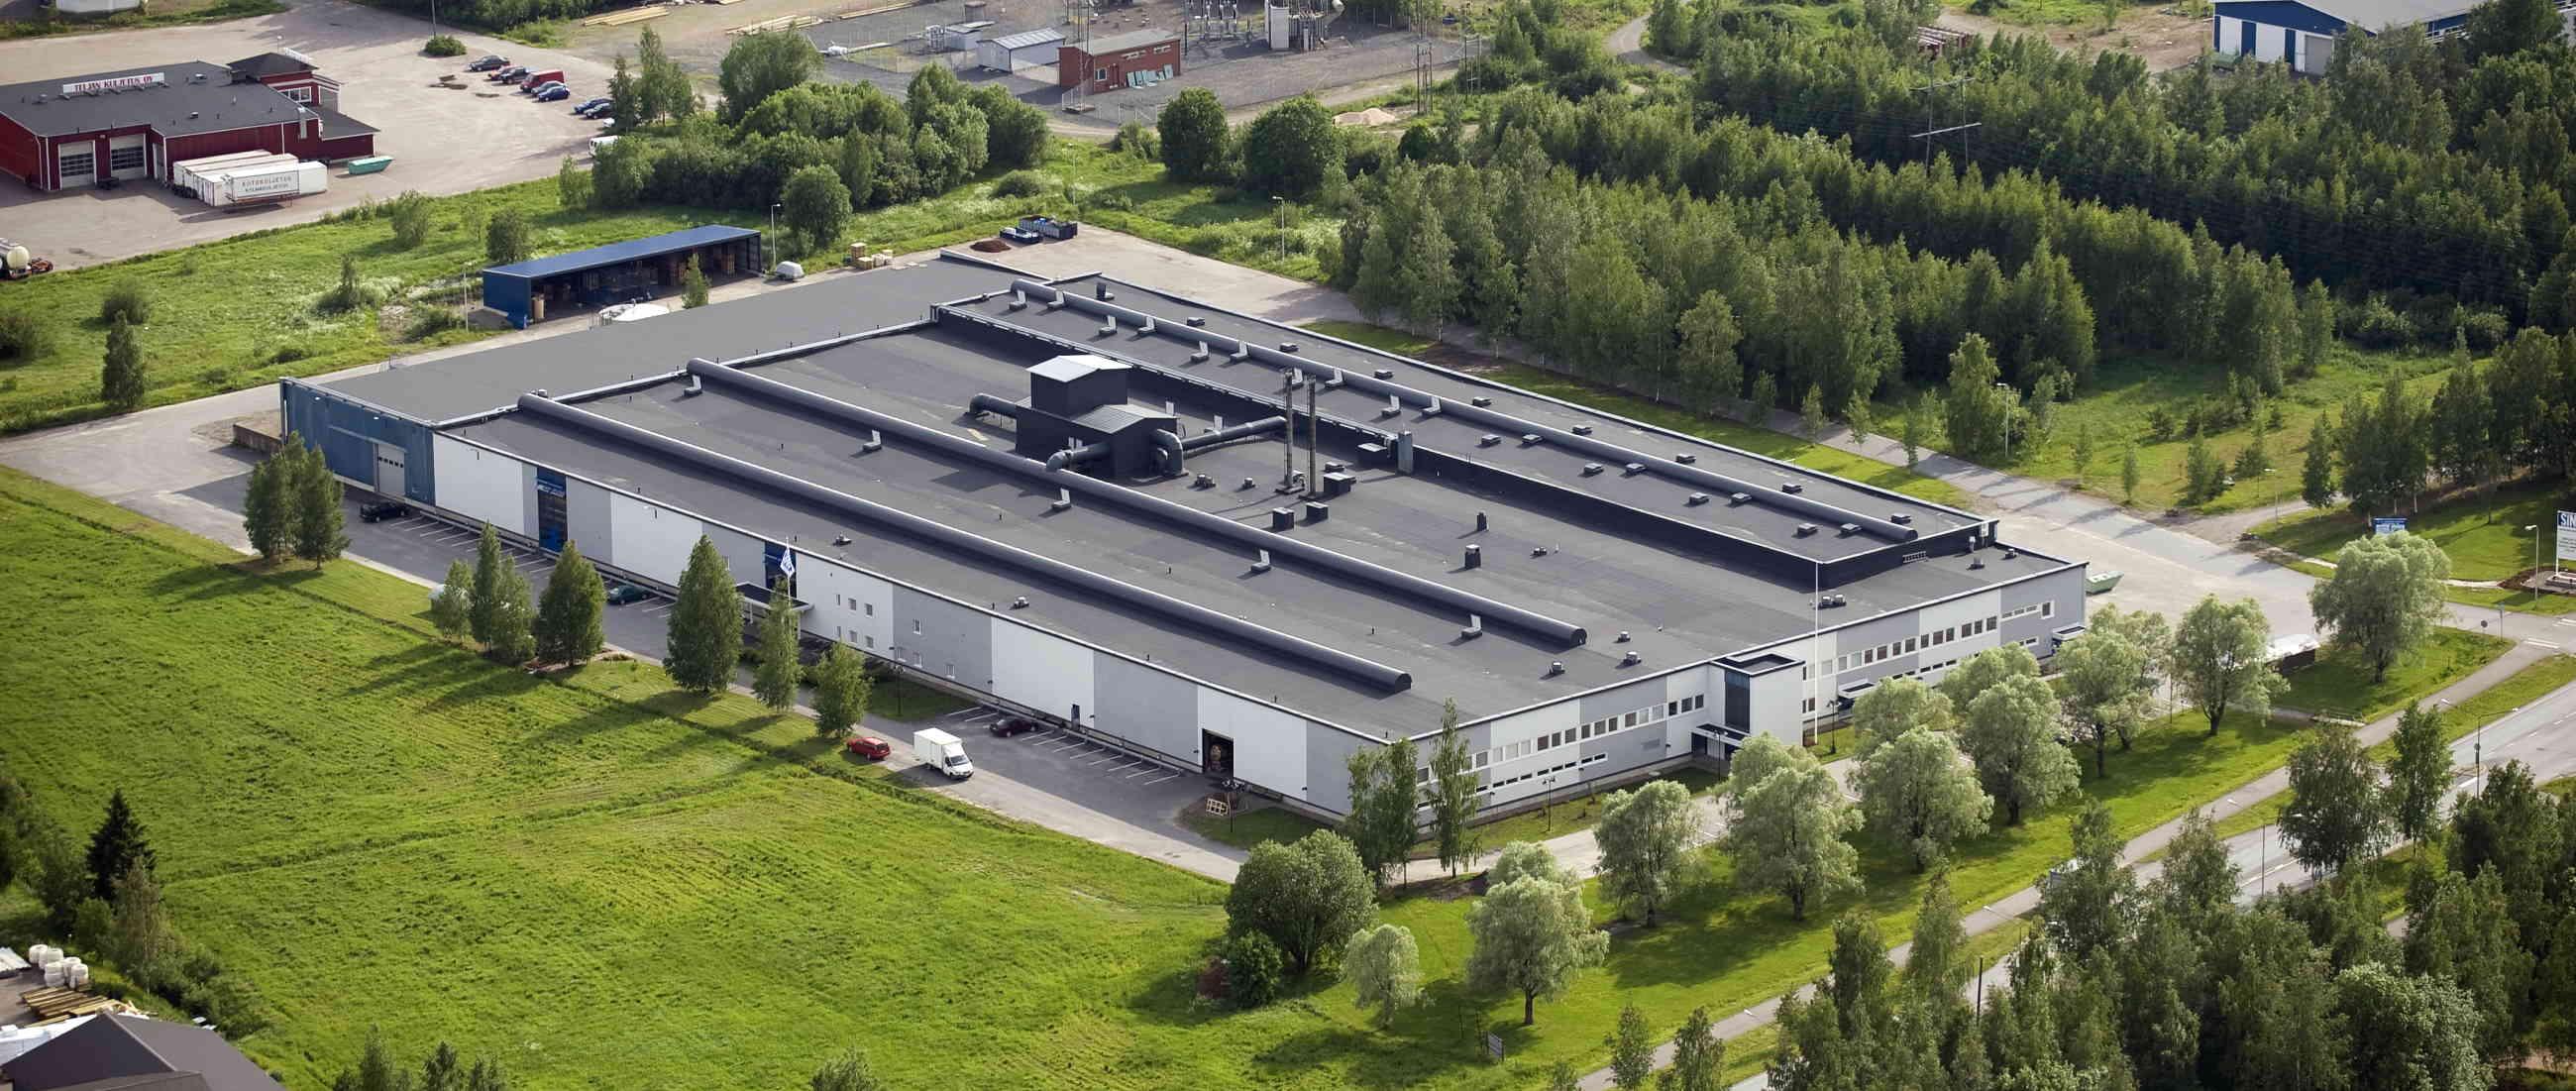 IMG - Loiva katto eli tasakatto jossa bitumikatto tuotantolaitoksen katolla ilmakuva - 2600px / 1101px